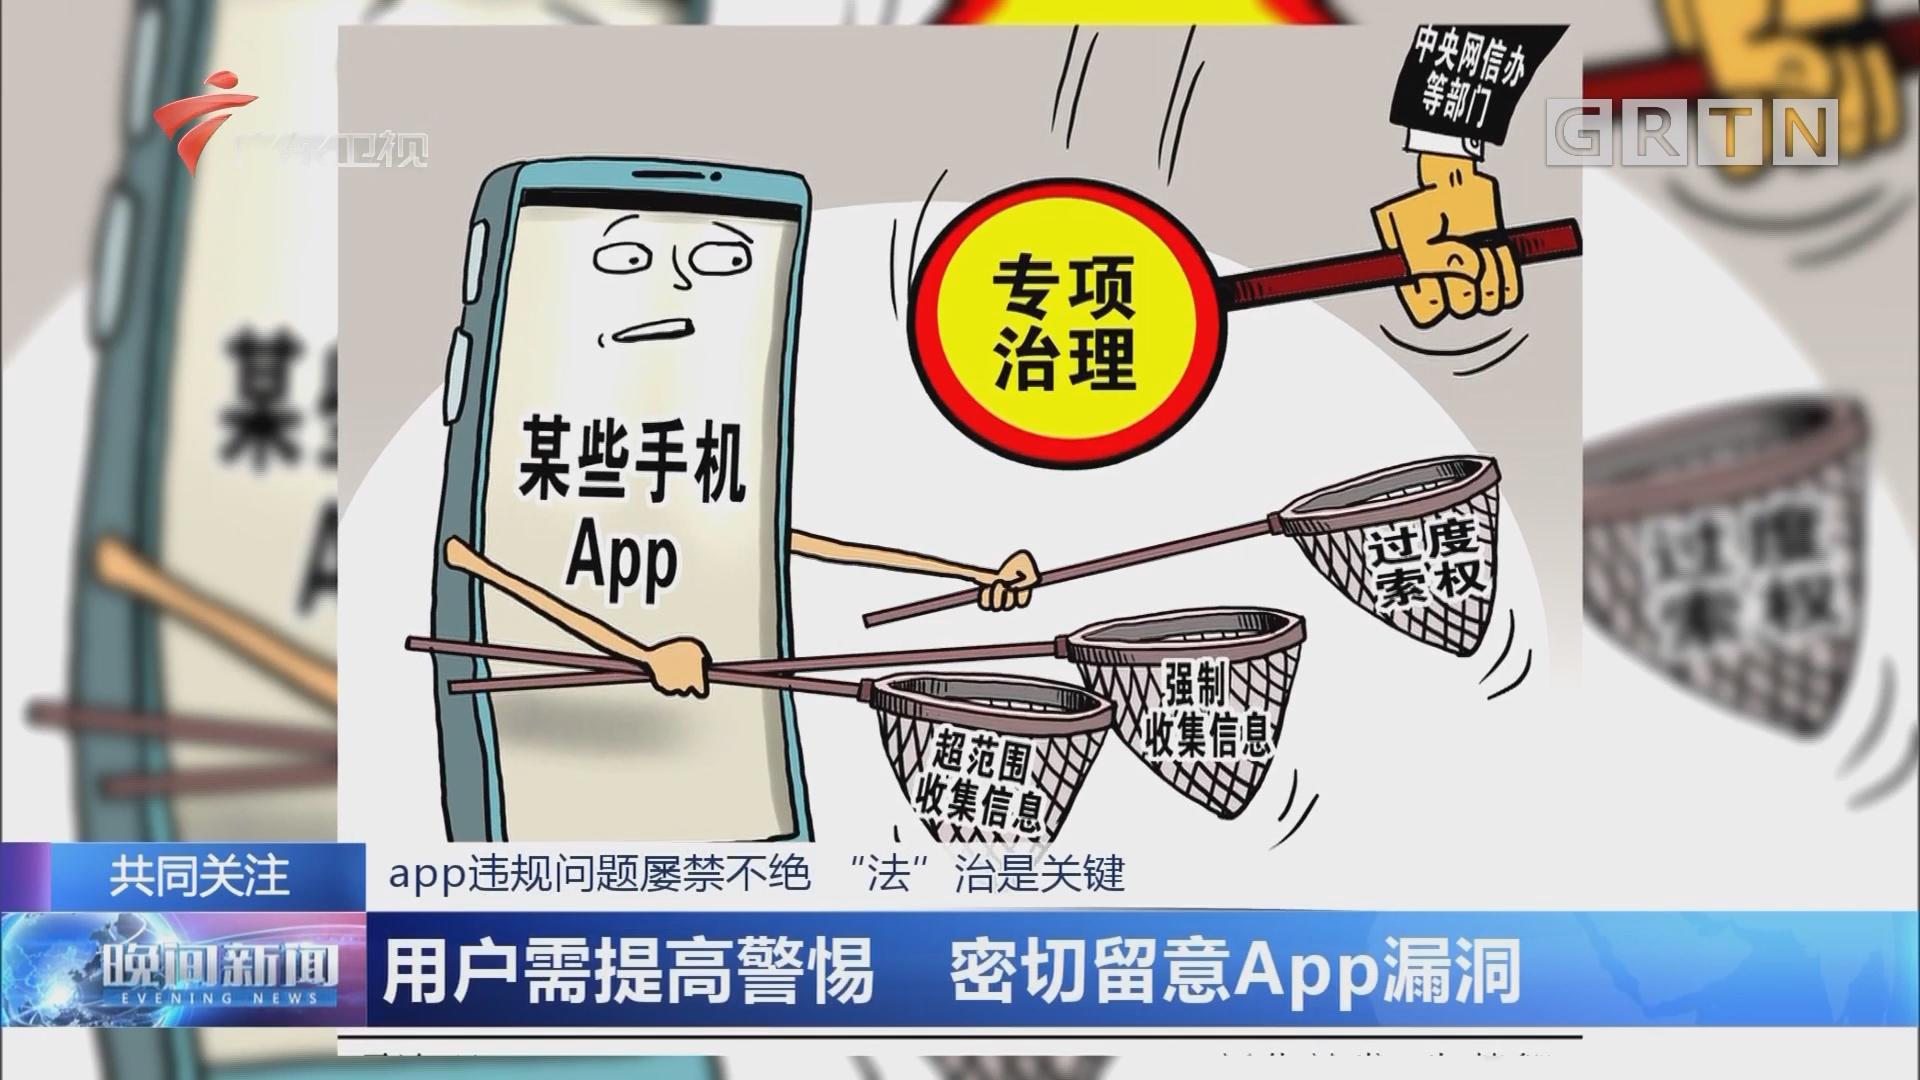 """app违规问题屡禁不绝 """"法""""治是关键 用户需提高警惕 密切留意App漏洞"""